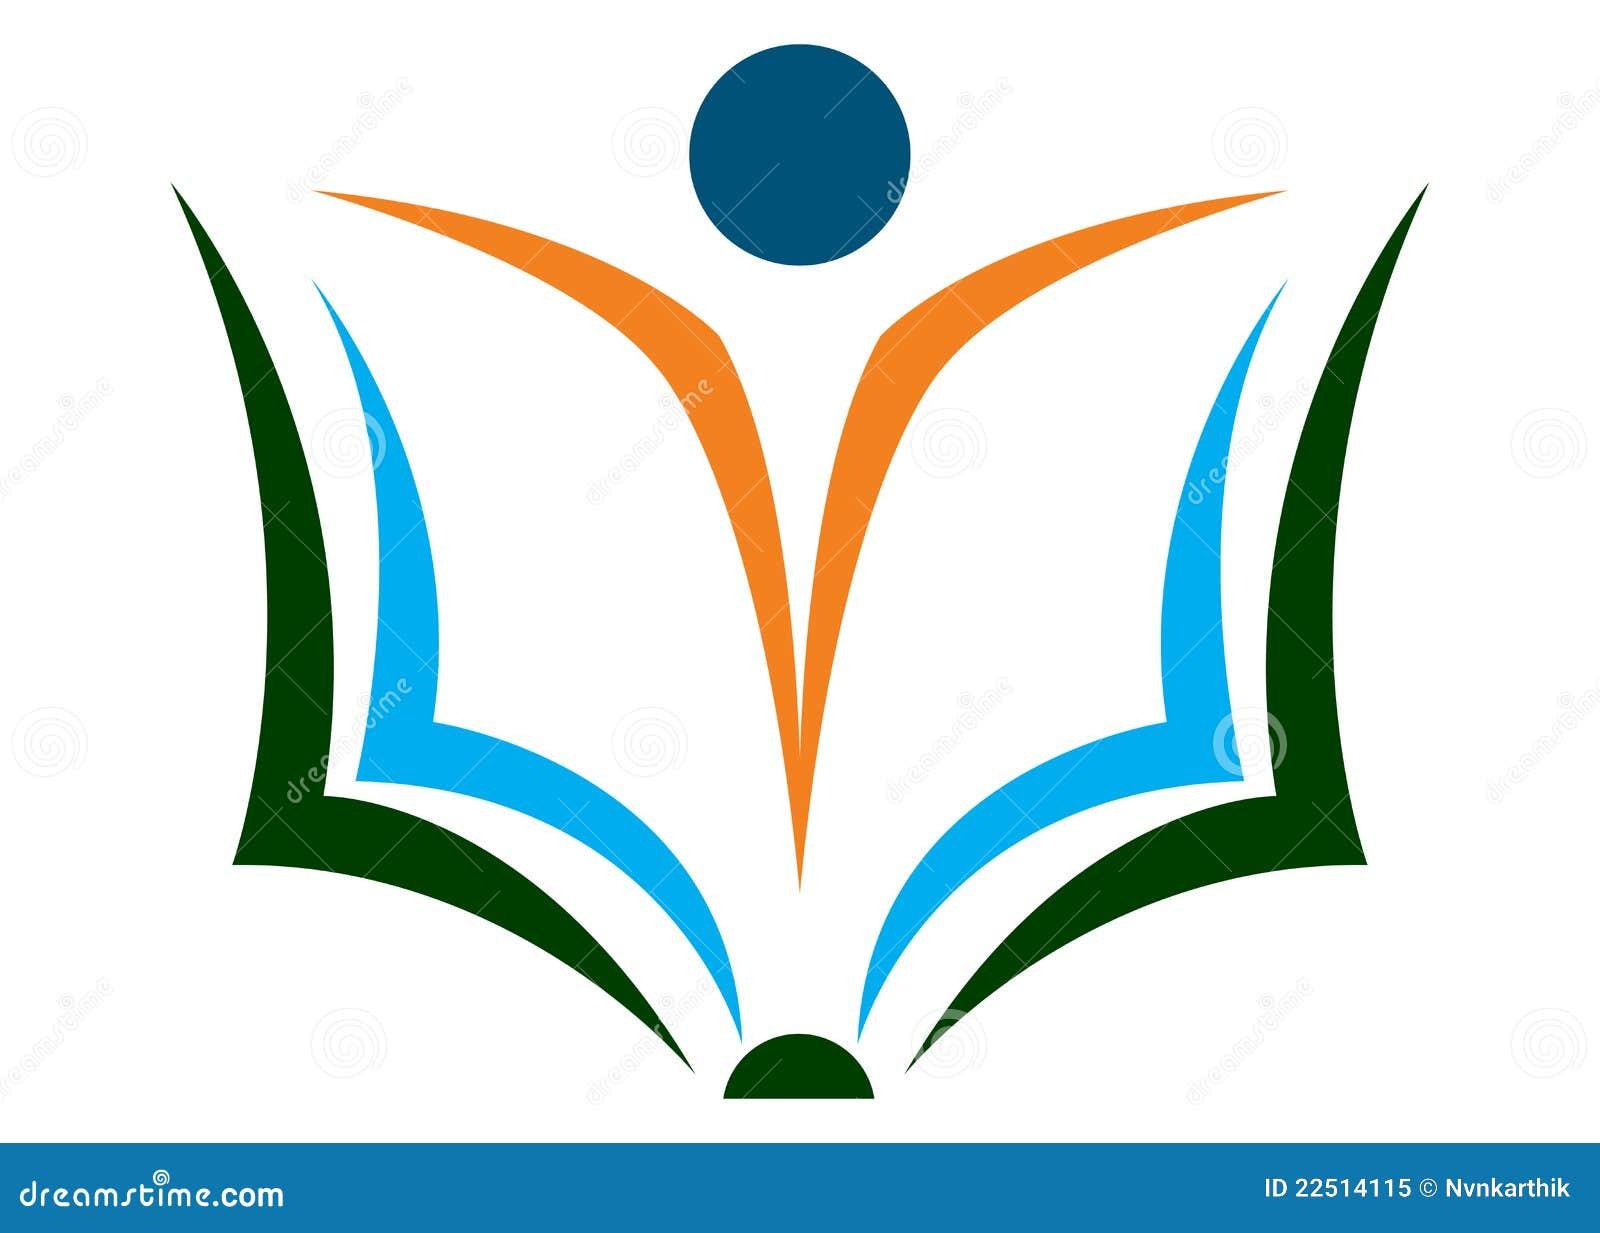 http://library.loganutah.org/news/images/loganlibrarylogo.jpg